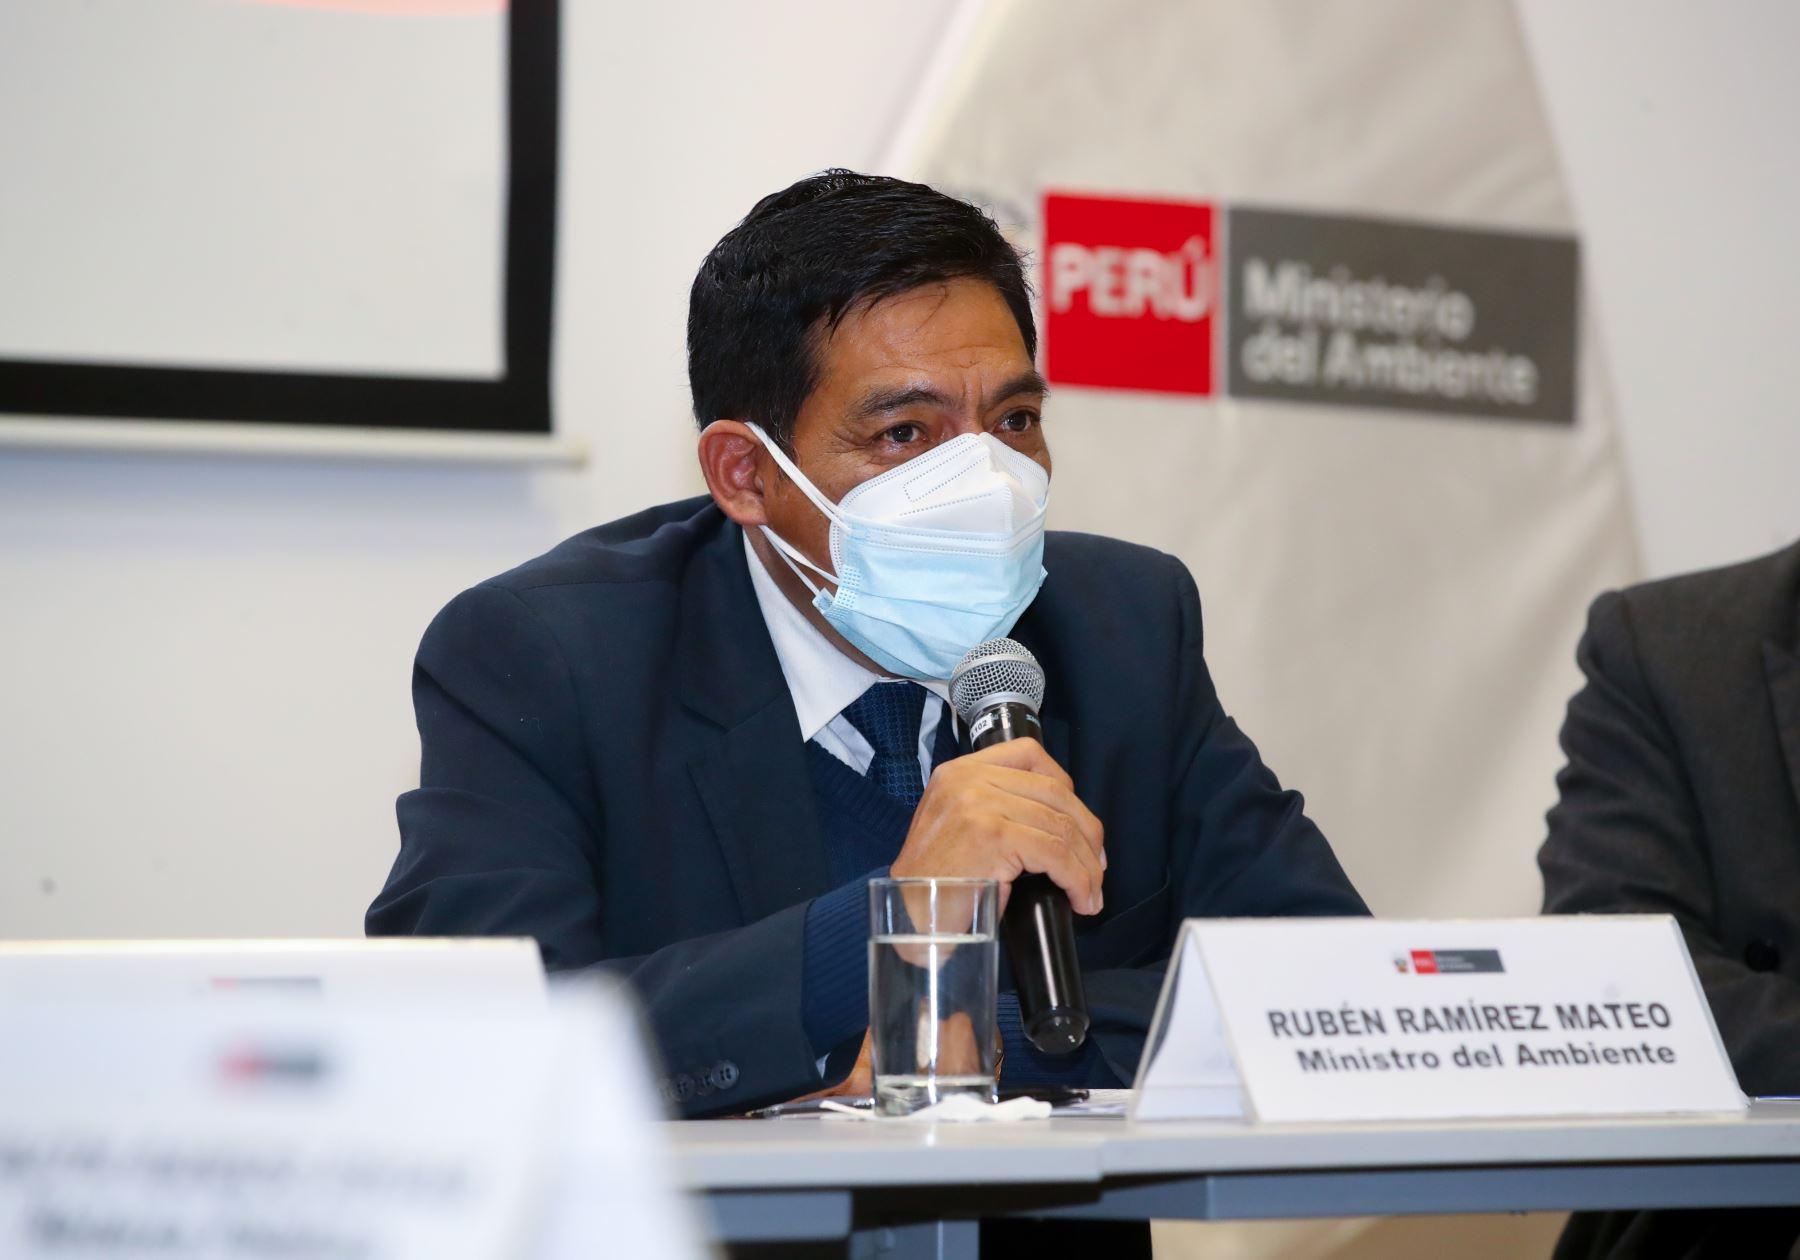 Este es el perfil de Rubén Ramírez Mateo, ratificado ministro del Ambiente